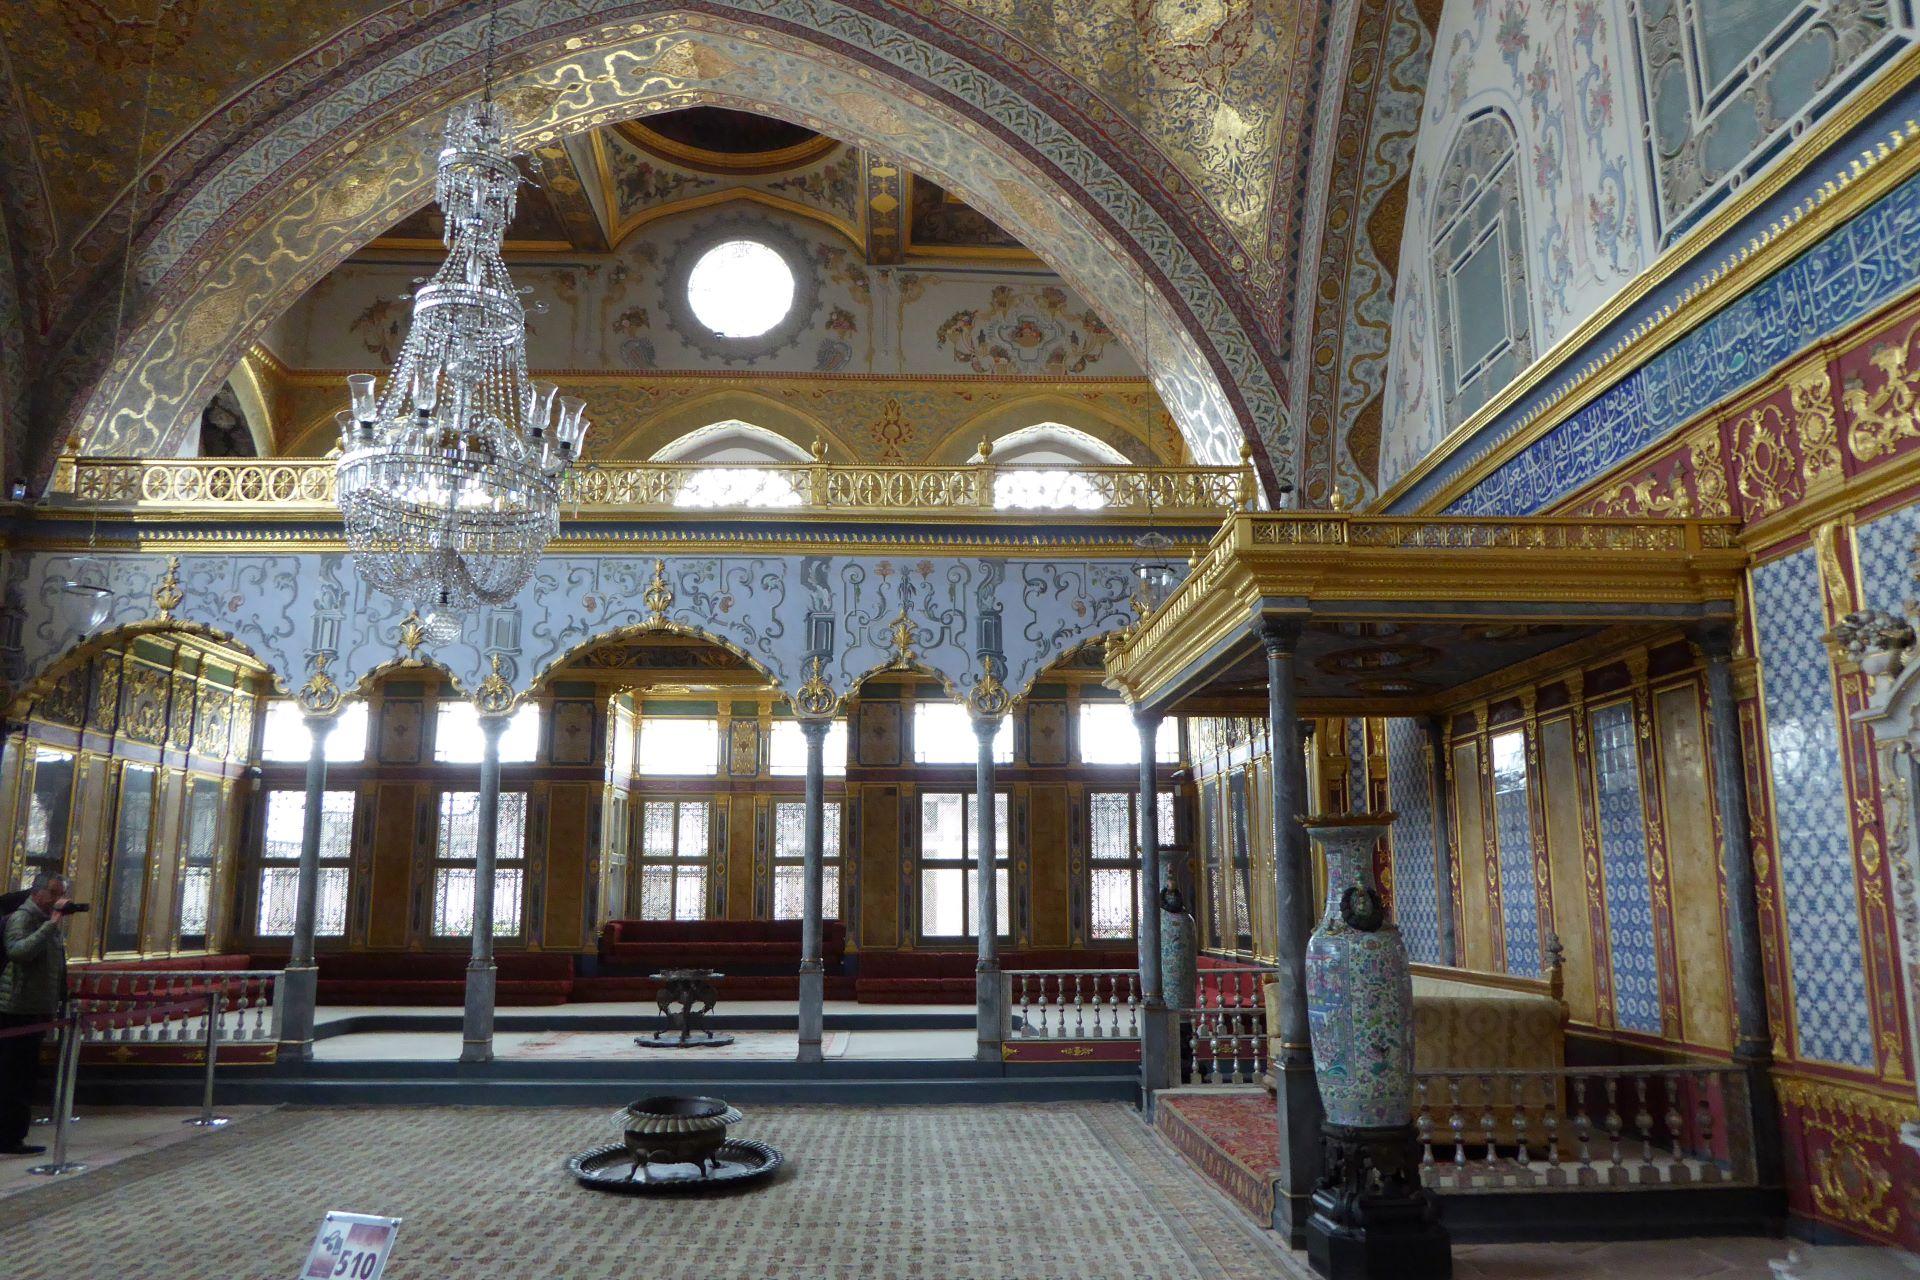 Stambuł Wspaniałe Stulecie: harem w pałacu Topkapi